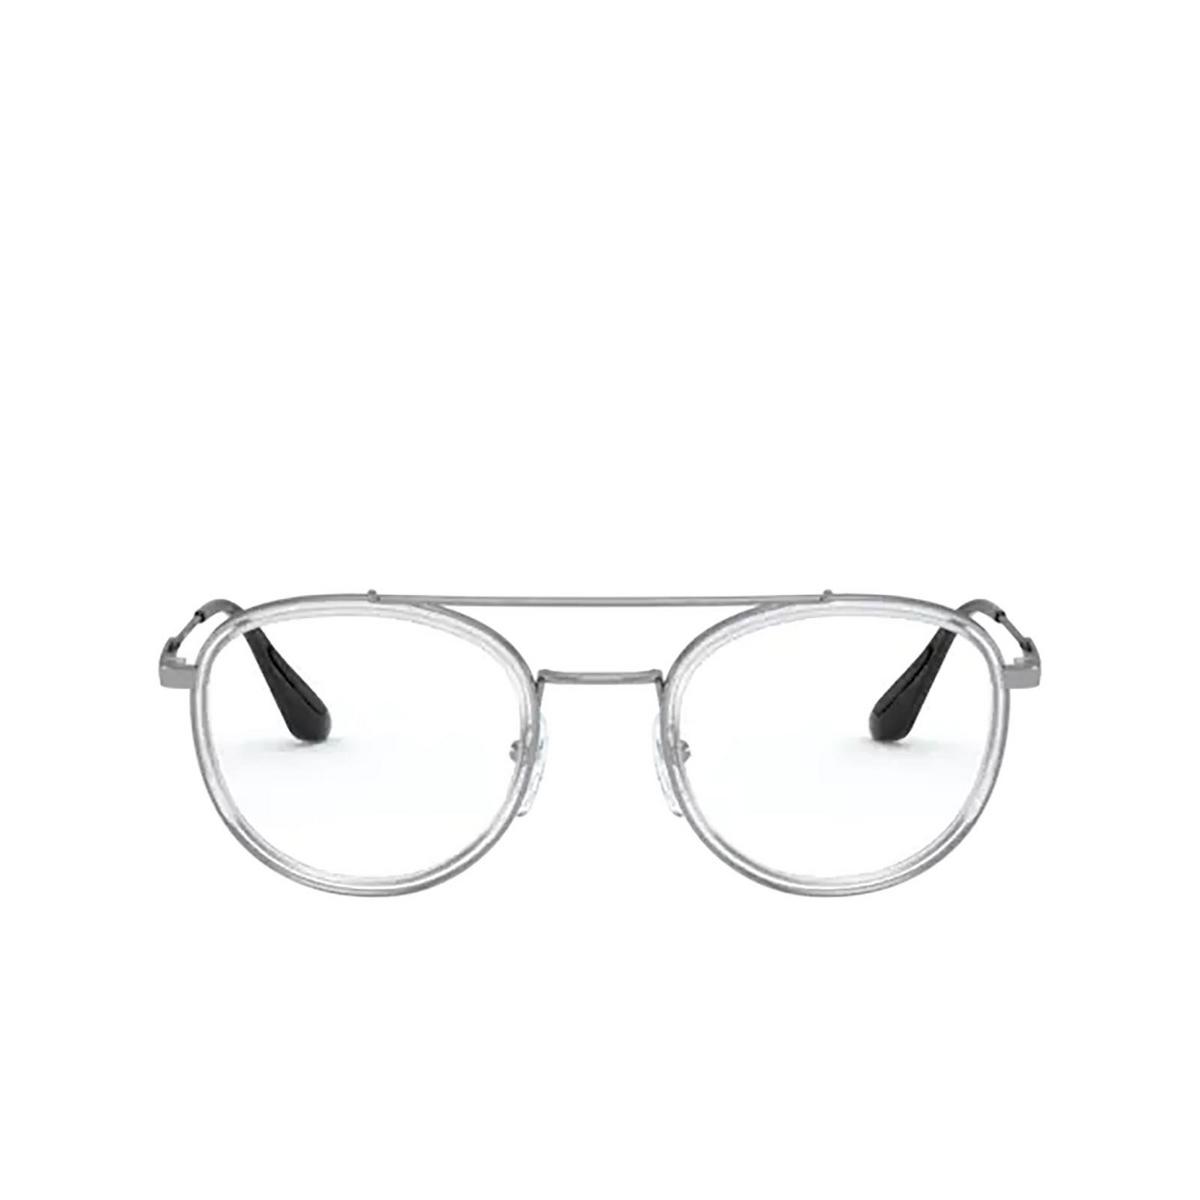 Prada® Round Eyeglasses: PR 66XV color Transparent Gunmetal 07A1O1 - front view.